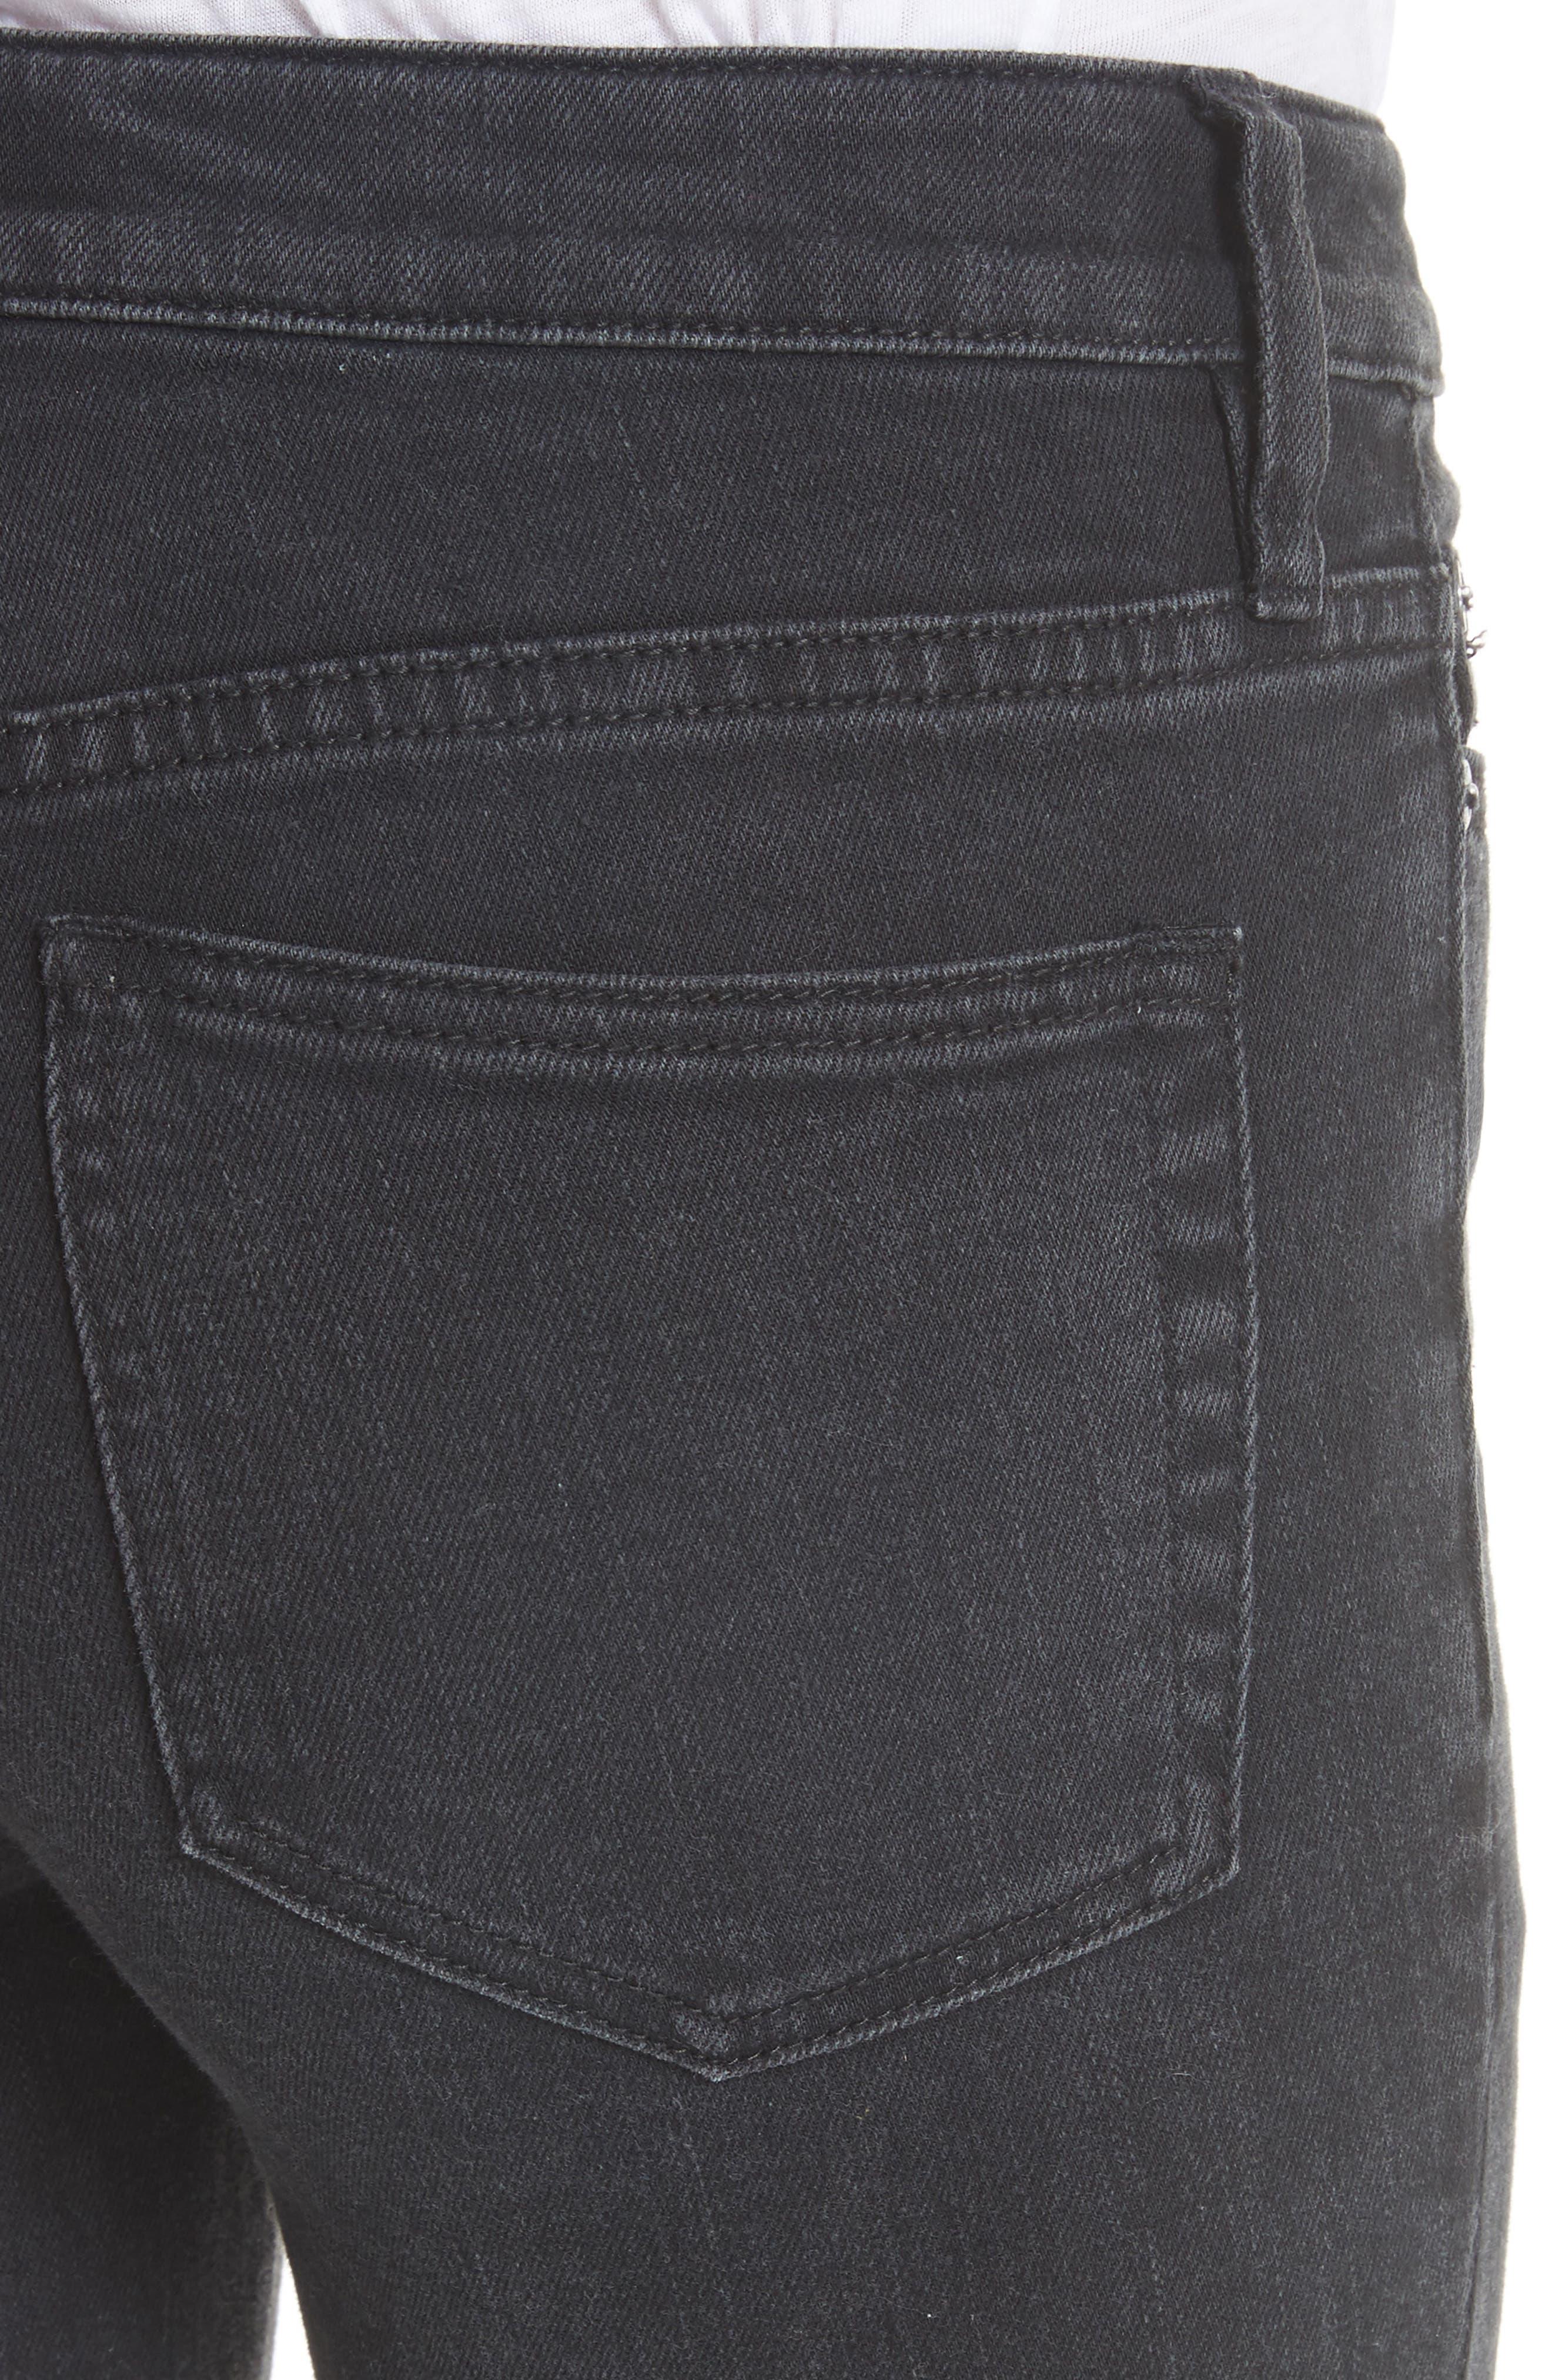 Cutwork Cigarette Jeans,                             Alternate thumbnail 4, color,                             001